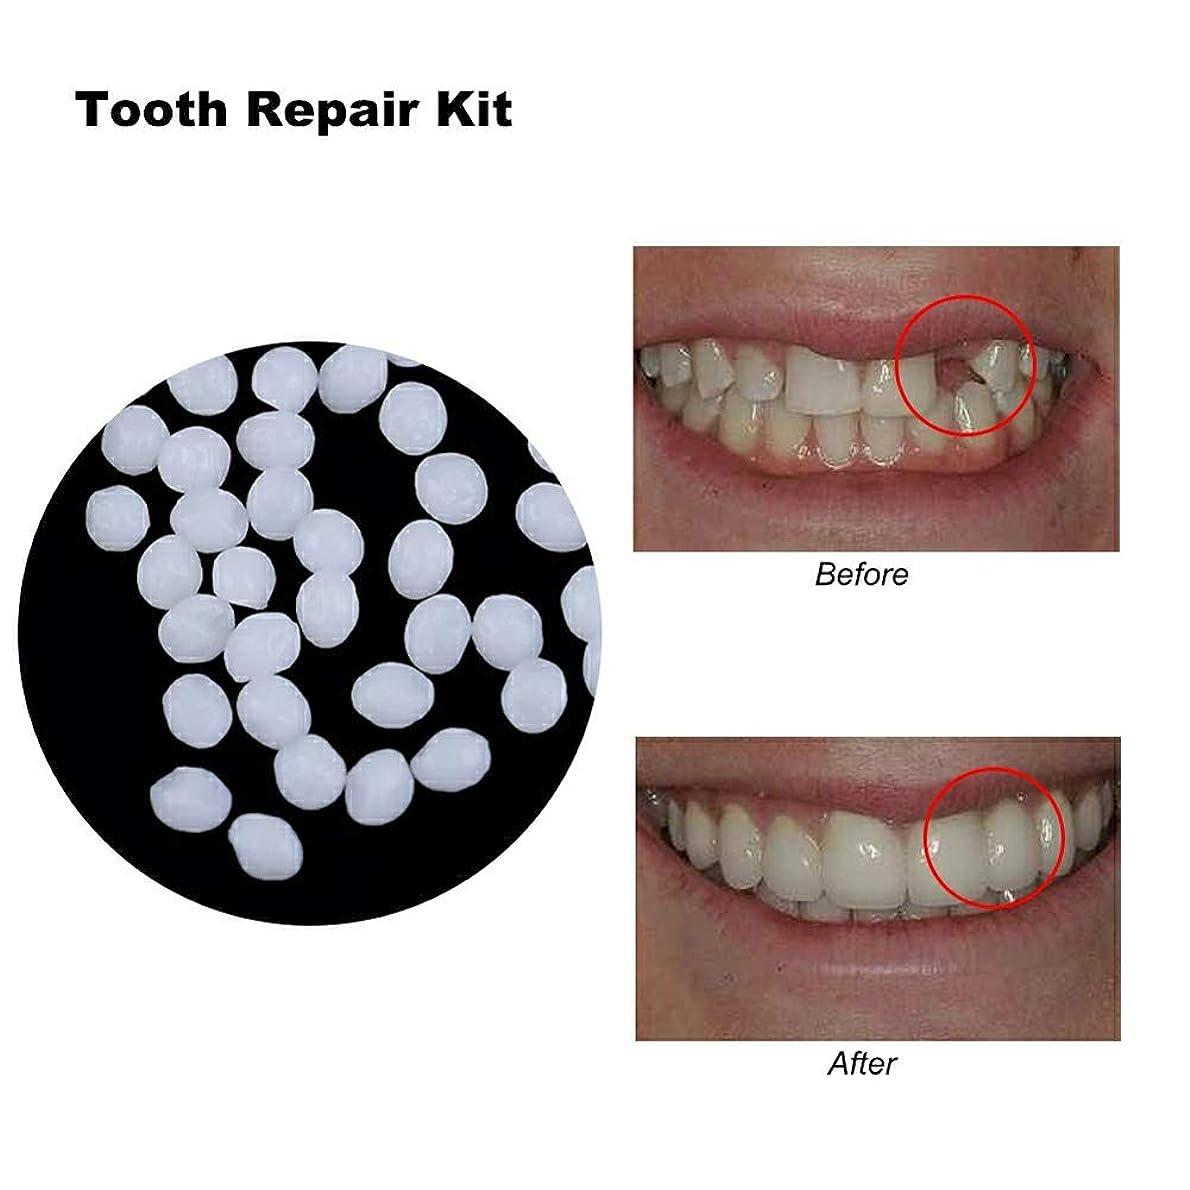 部分的に論争の的アコード偽歯固体接着剤、樹脂の歯とギャップのための一時的な化粧品の歯の修復キットクリエイティブ義歯接着剤,10ml14g